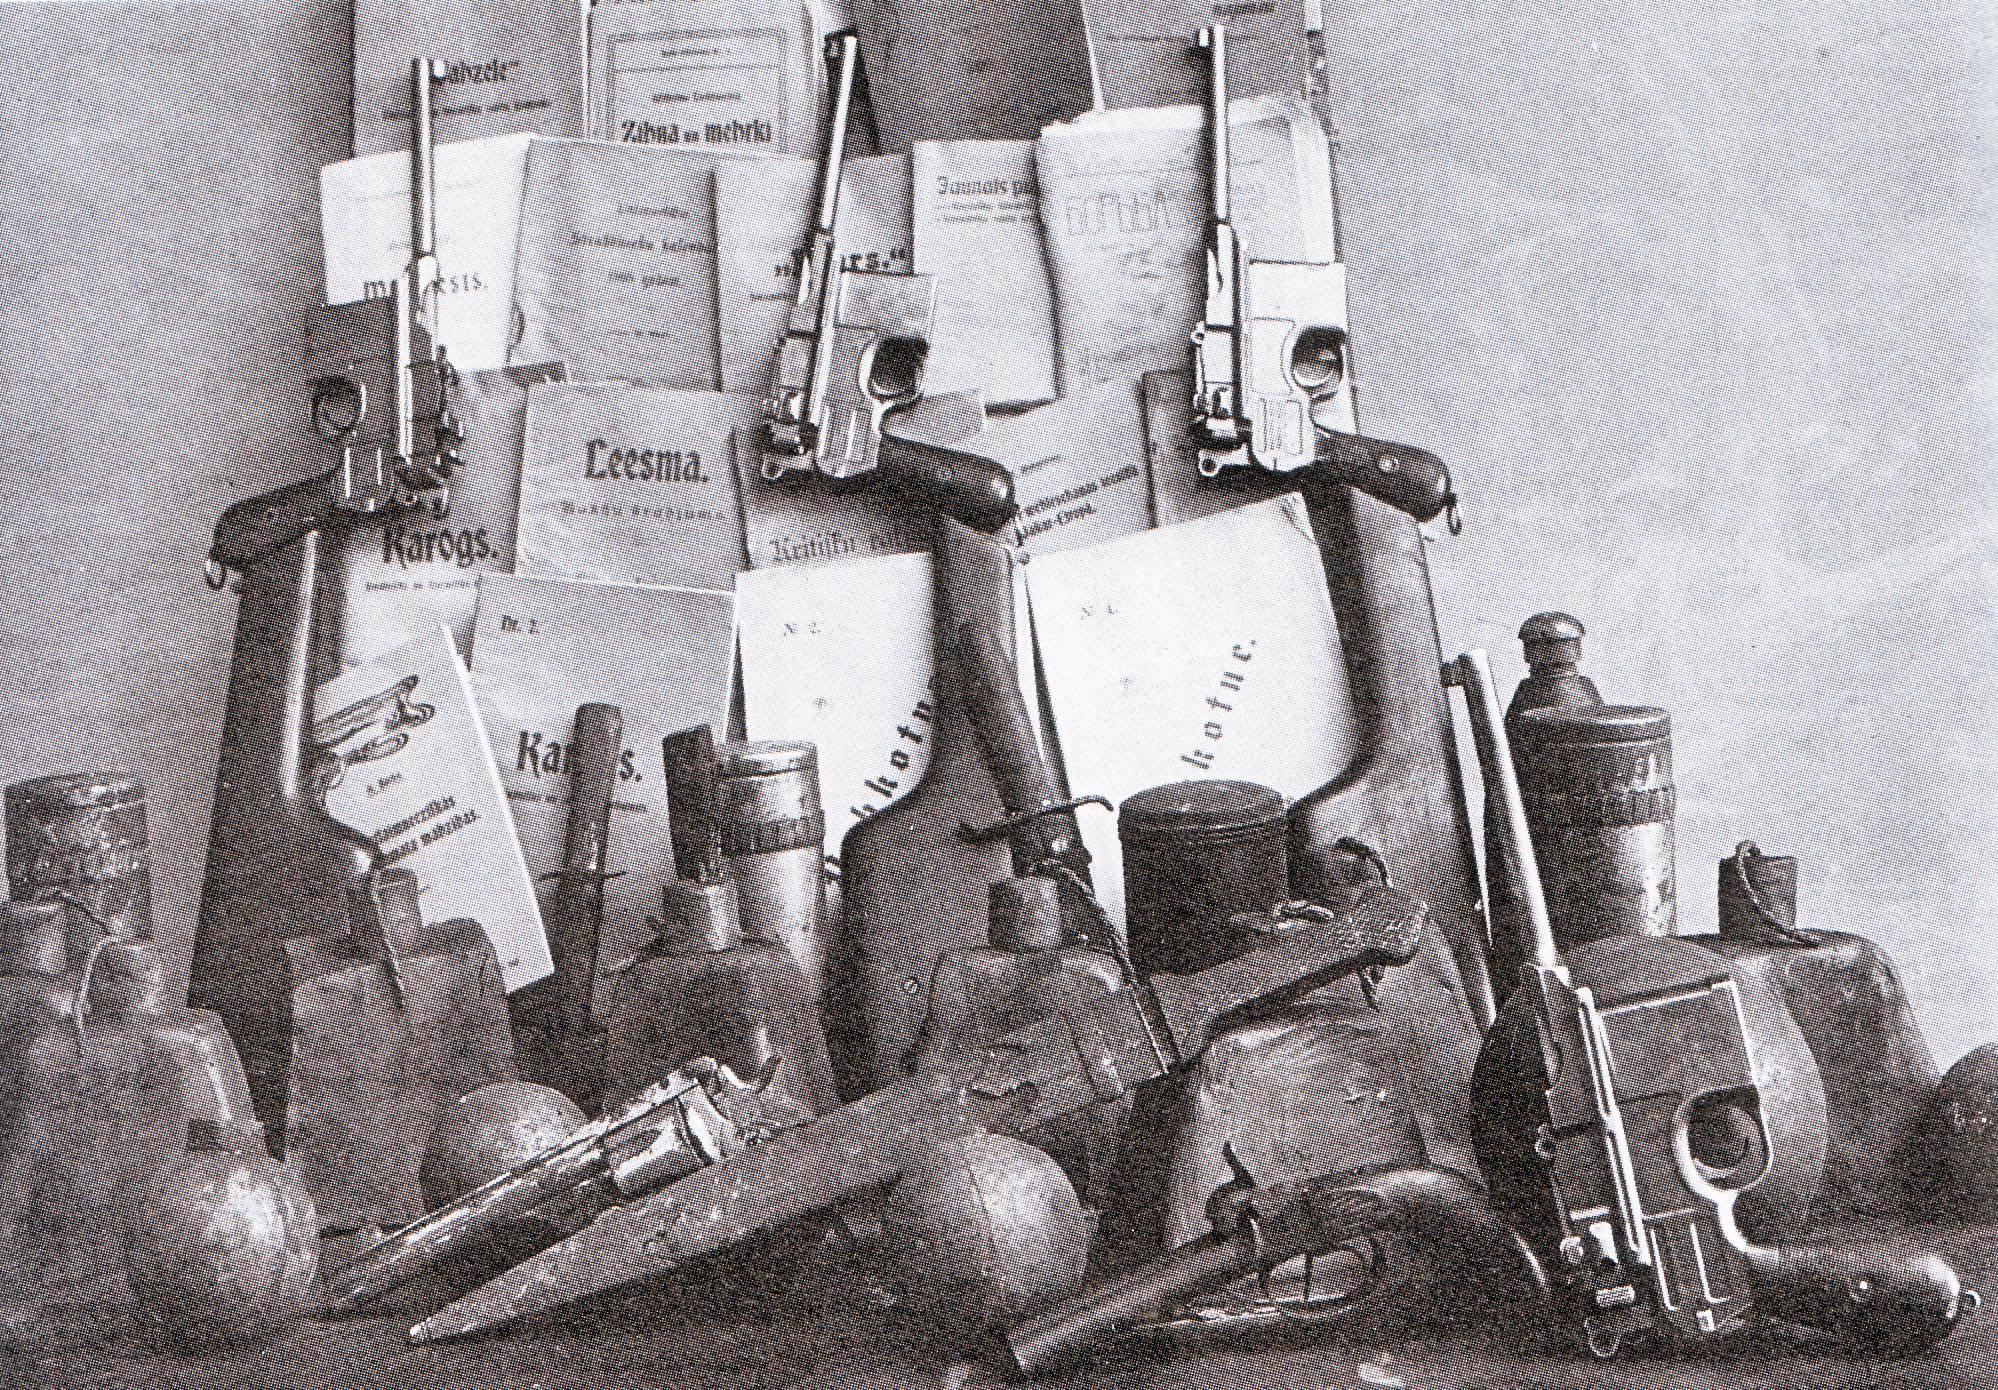 Armas y periódicos ( Leesma ) incautados a anarquistas